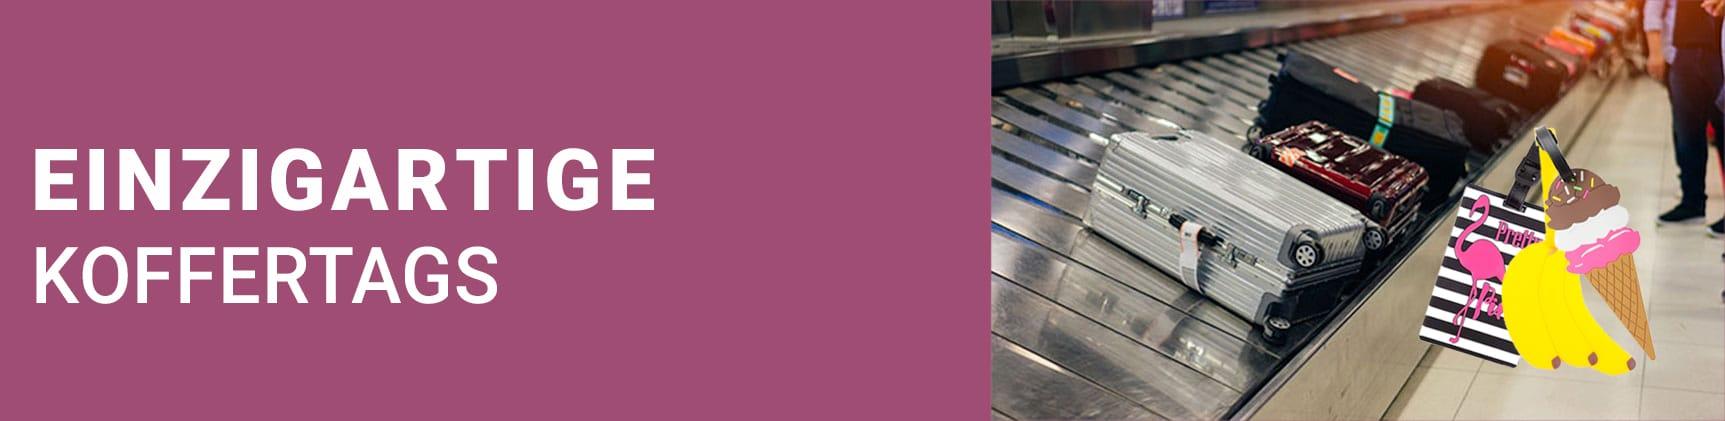 Finde mit den Einzigartige Koffertags Deinen Koffer schneller!